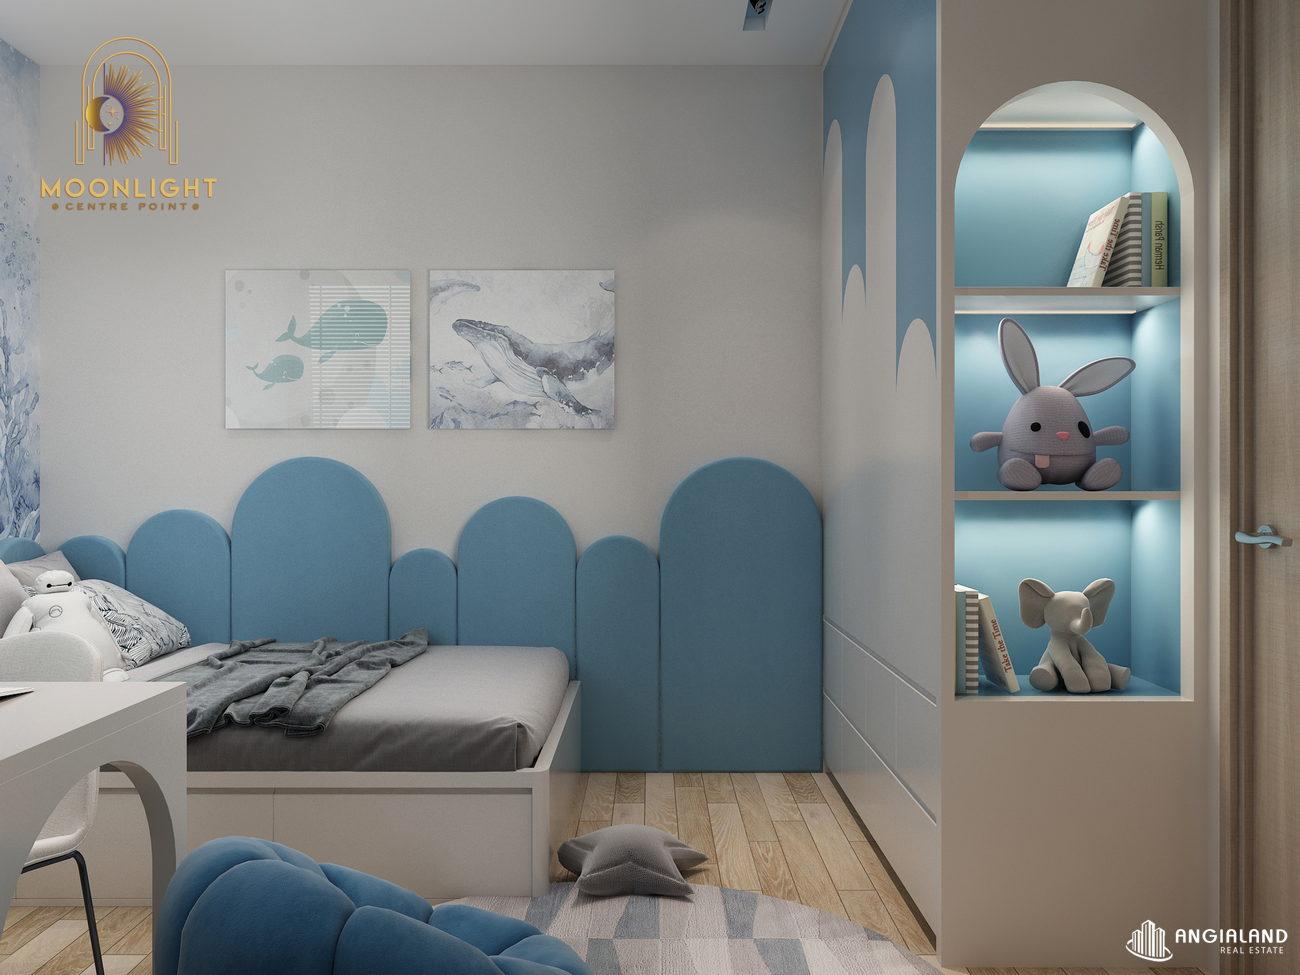 Nhà mẫu căn hộ loại 2 Phòng Ngủ Moonlight Centre Point diện tích 65m2